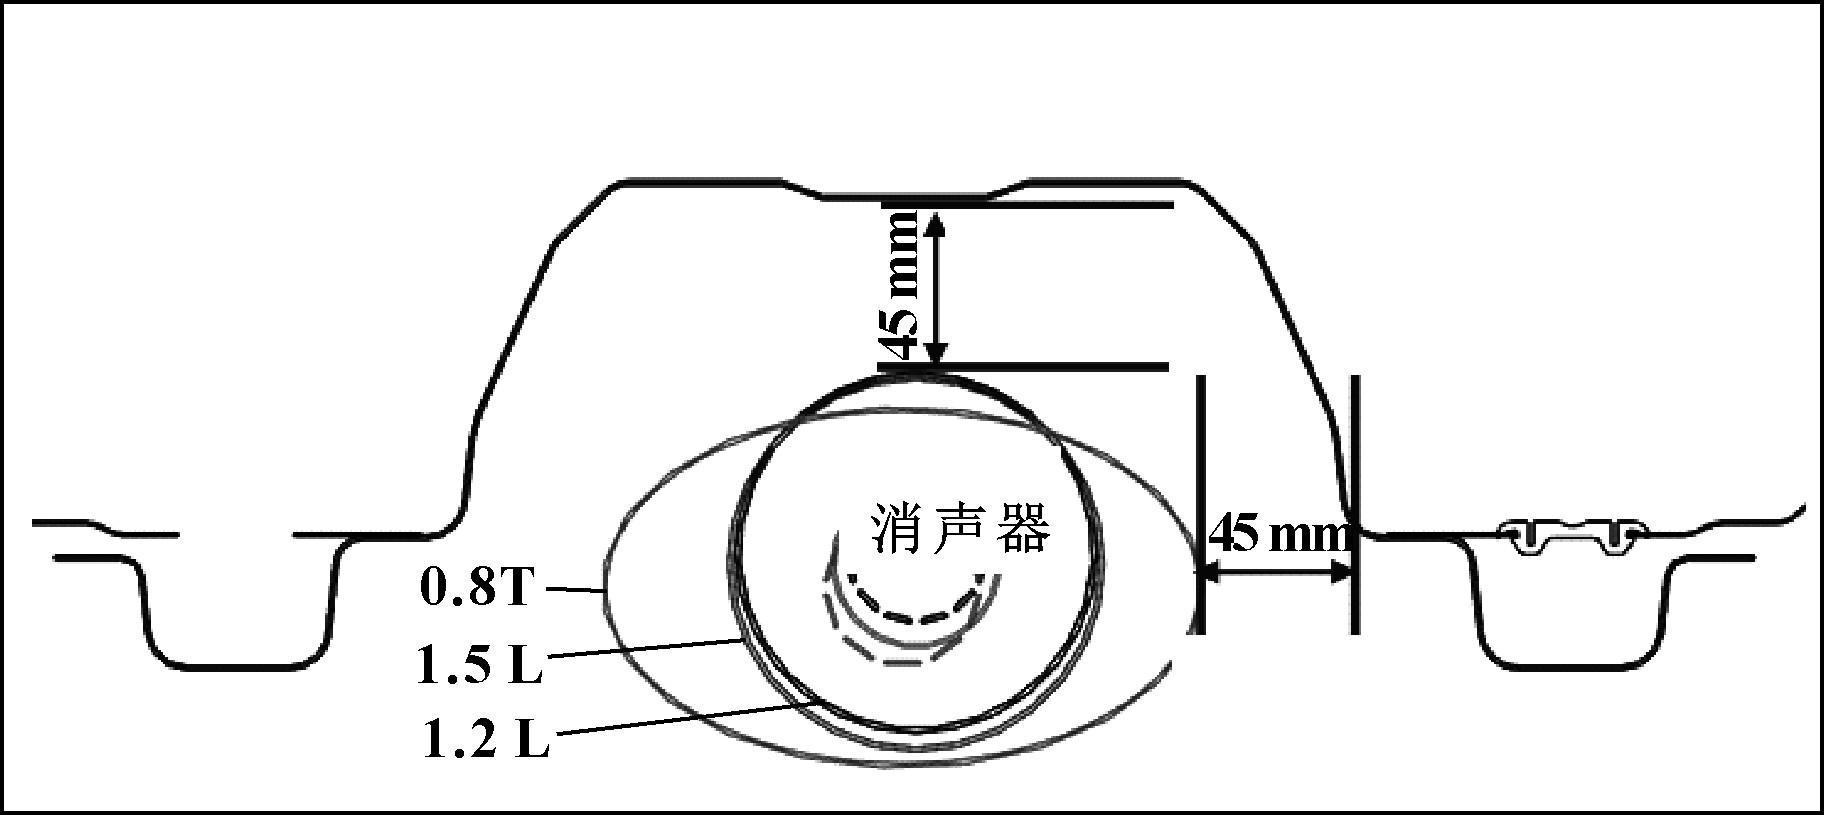 图4 前地板中通道模块化设计